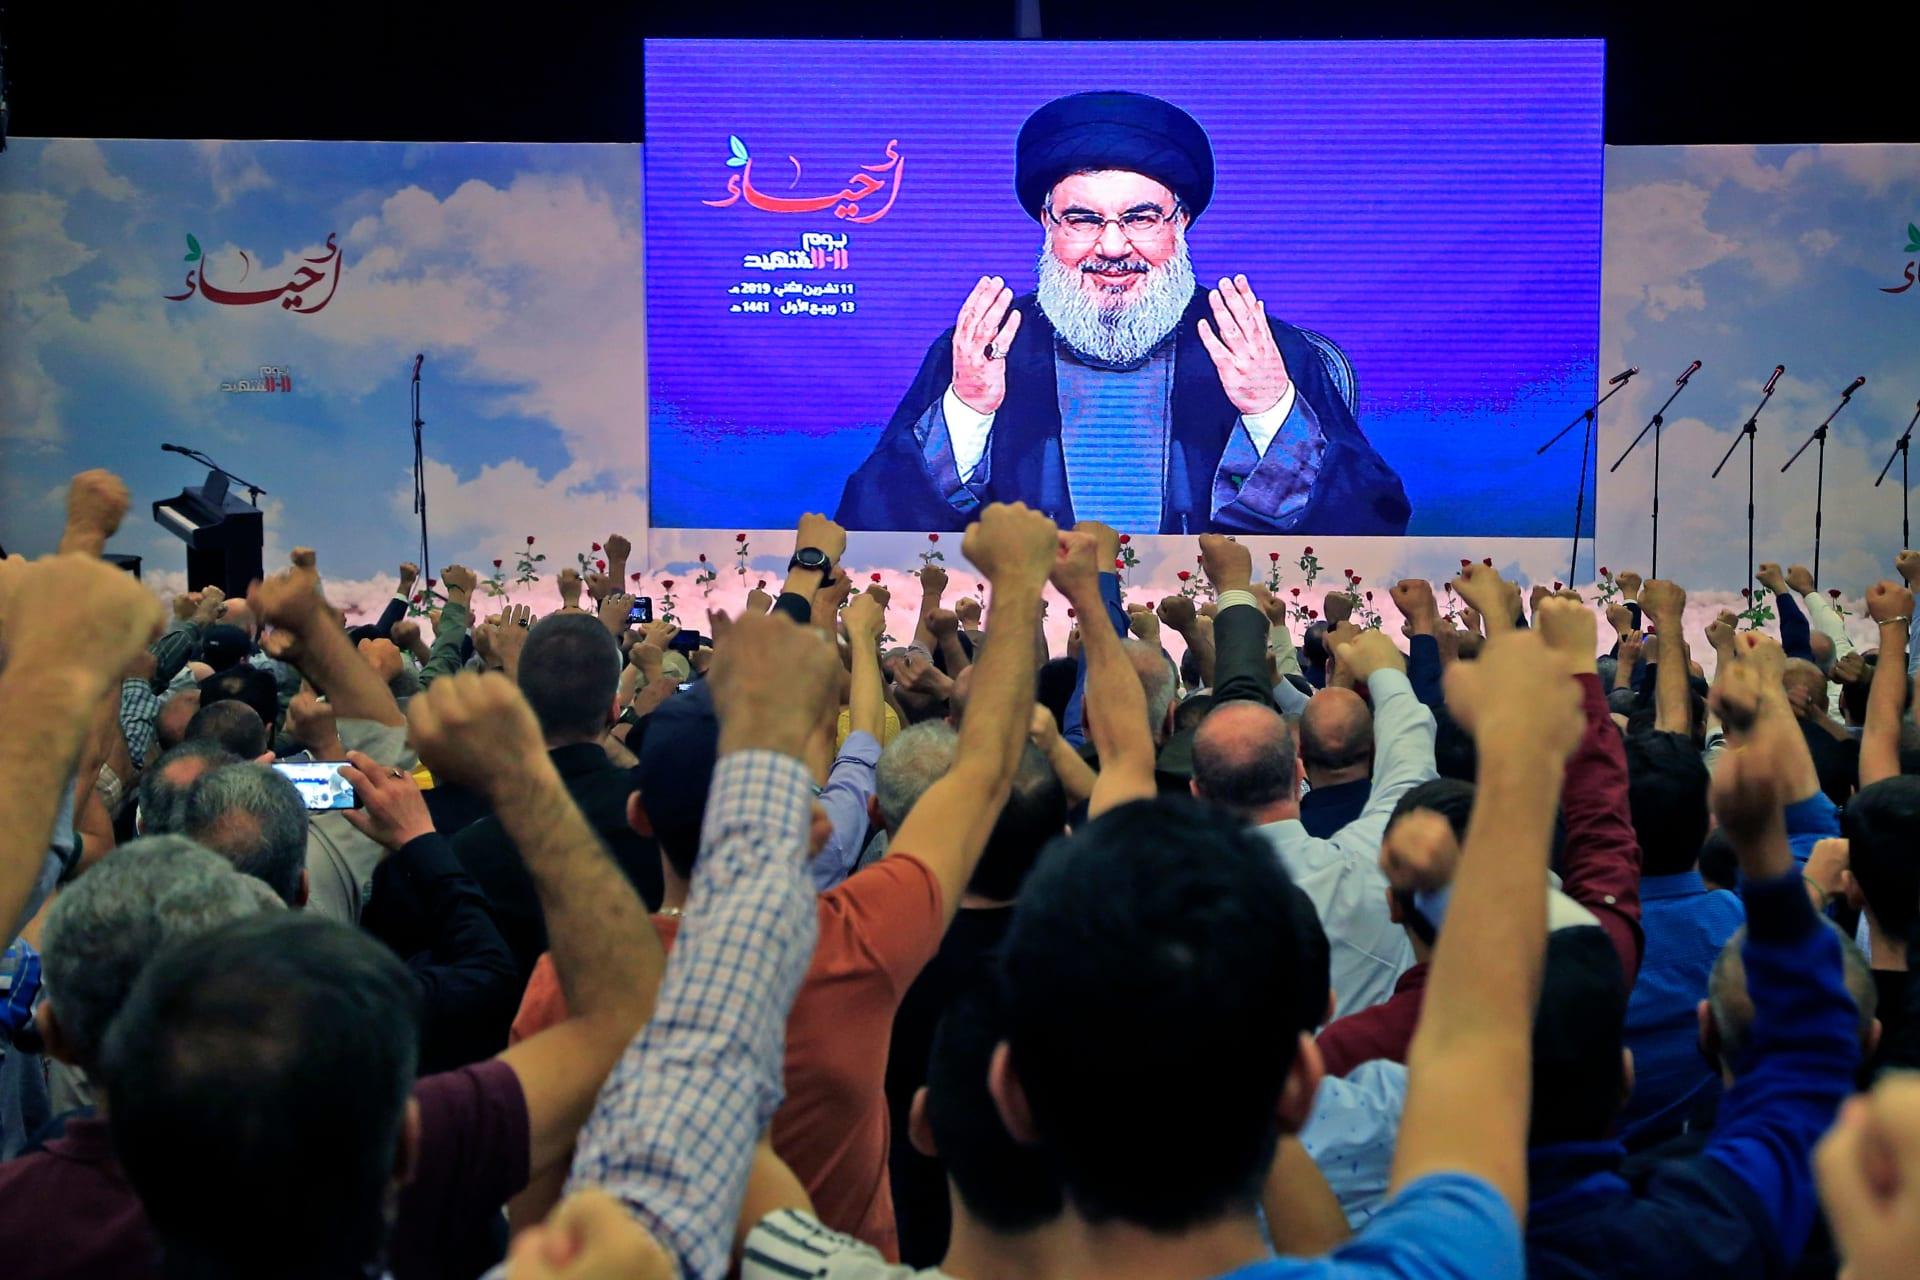 العشرات من أنصار حزب الله اللبناني خلال أحد خطابات الأمين العام للحزب حسن نصر الله